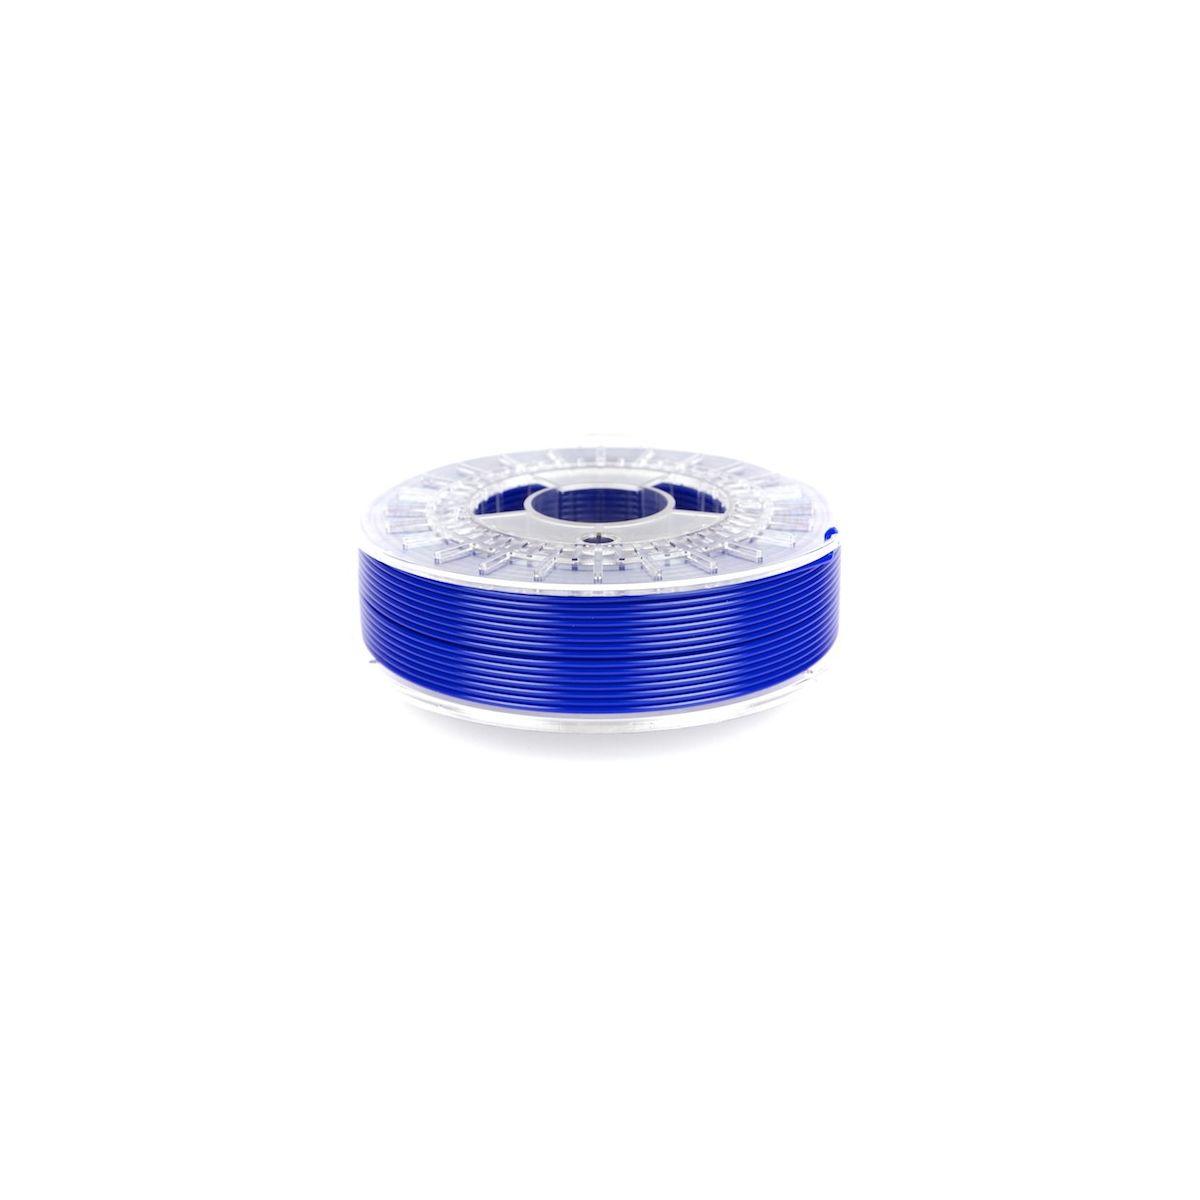 Filament 3D COLORFABB PLA Bleu marine 1.75mm